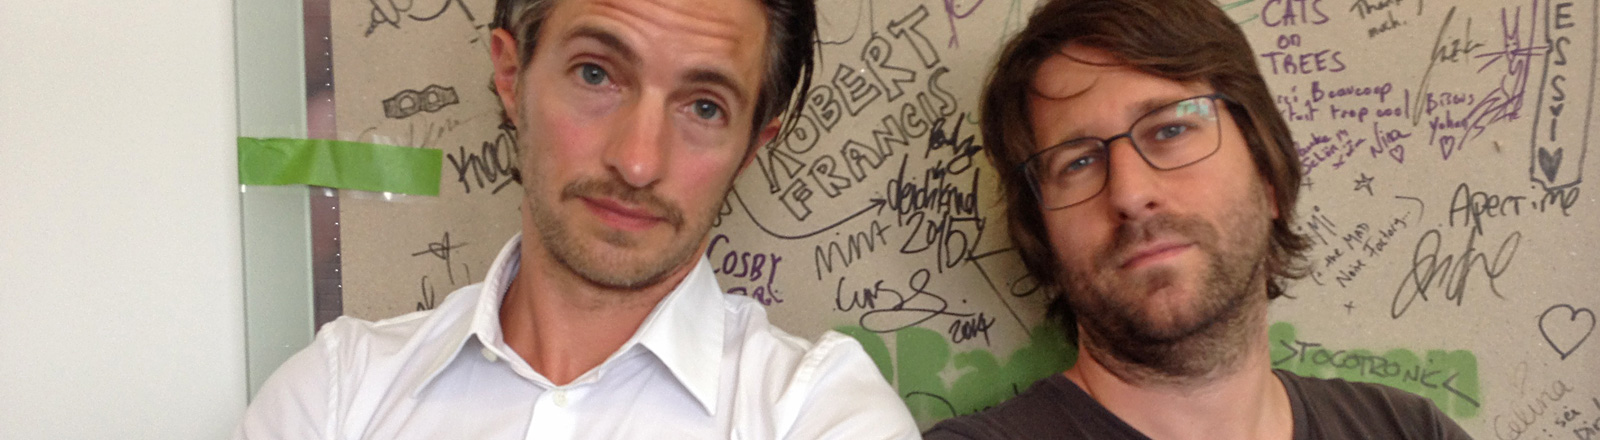 Gregor Iwanoff steht vor der Unterschriftenwand von DRadio Wissen im weißen Hemd.